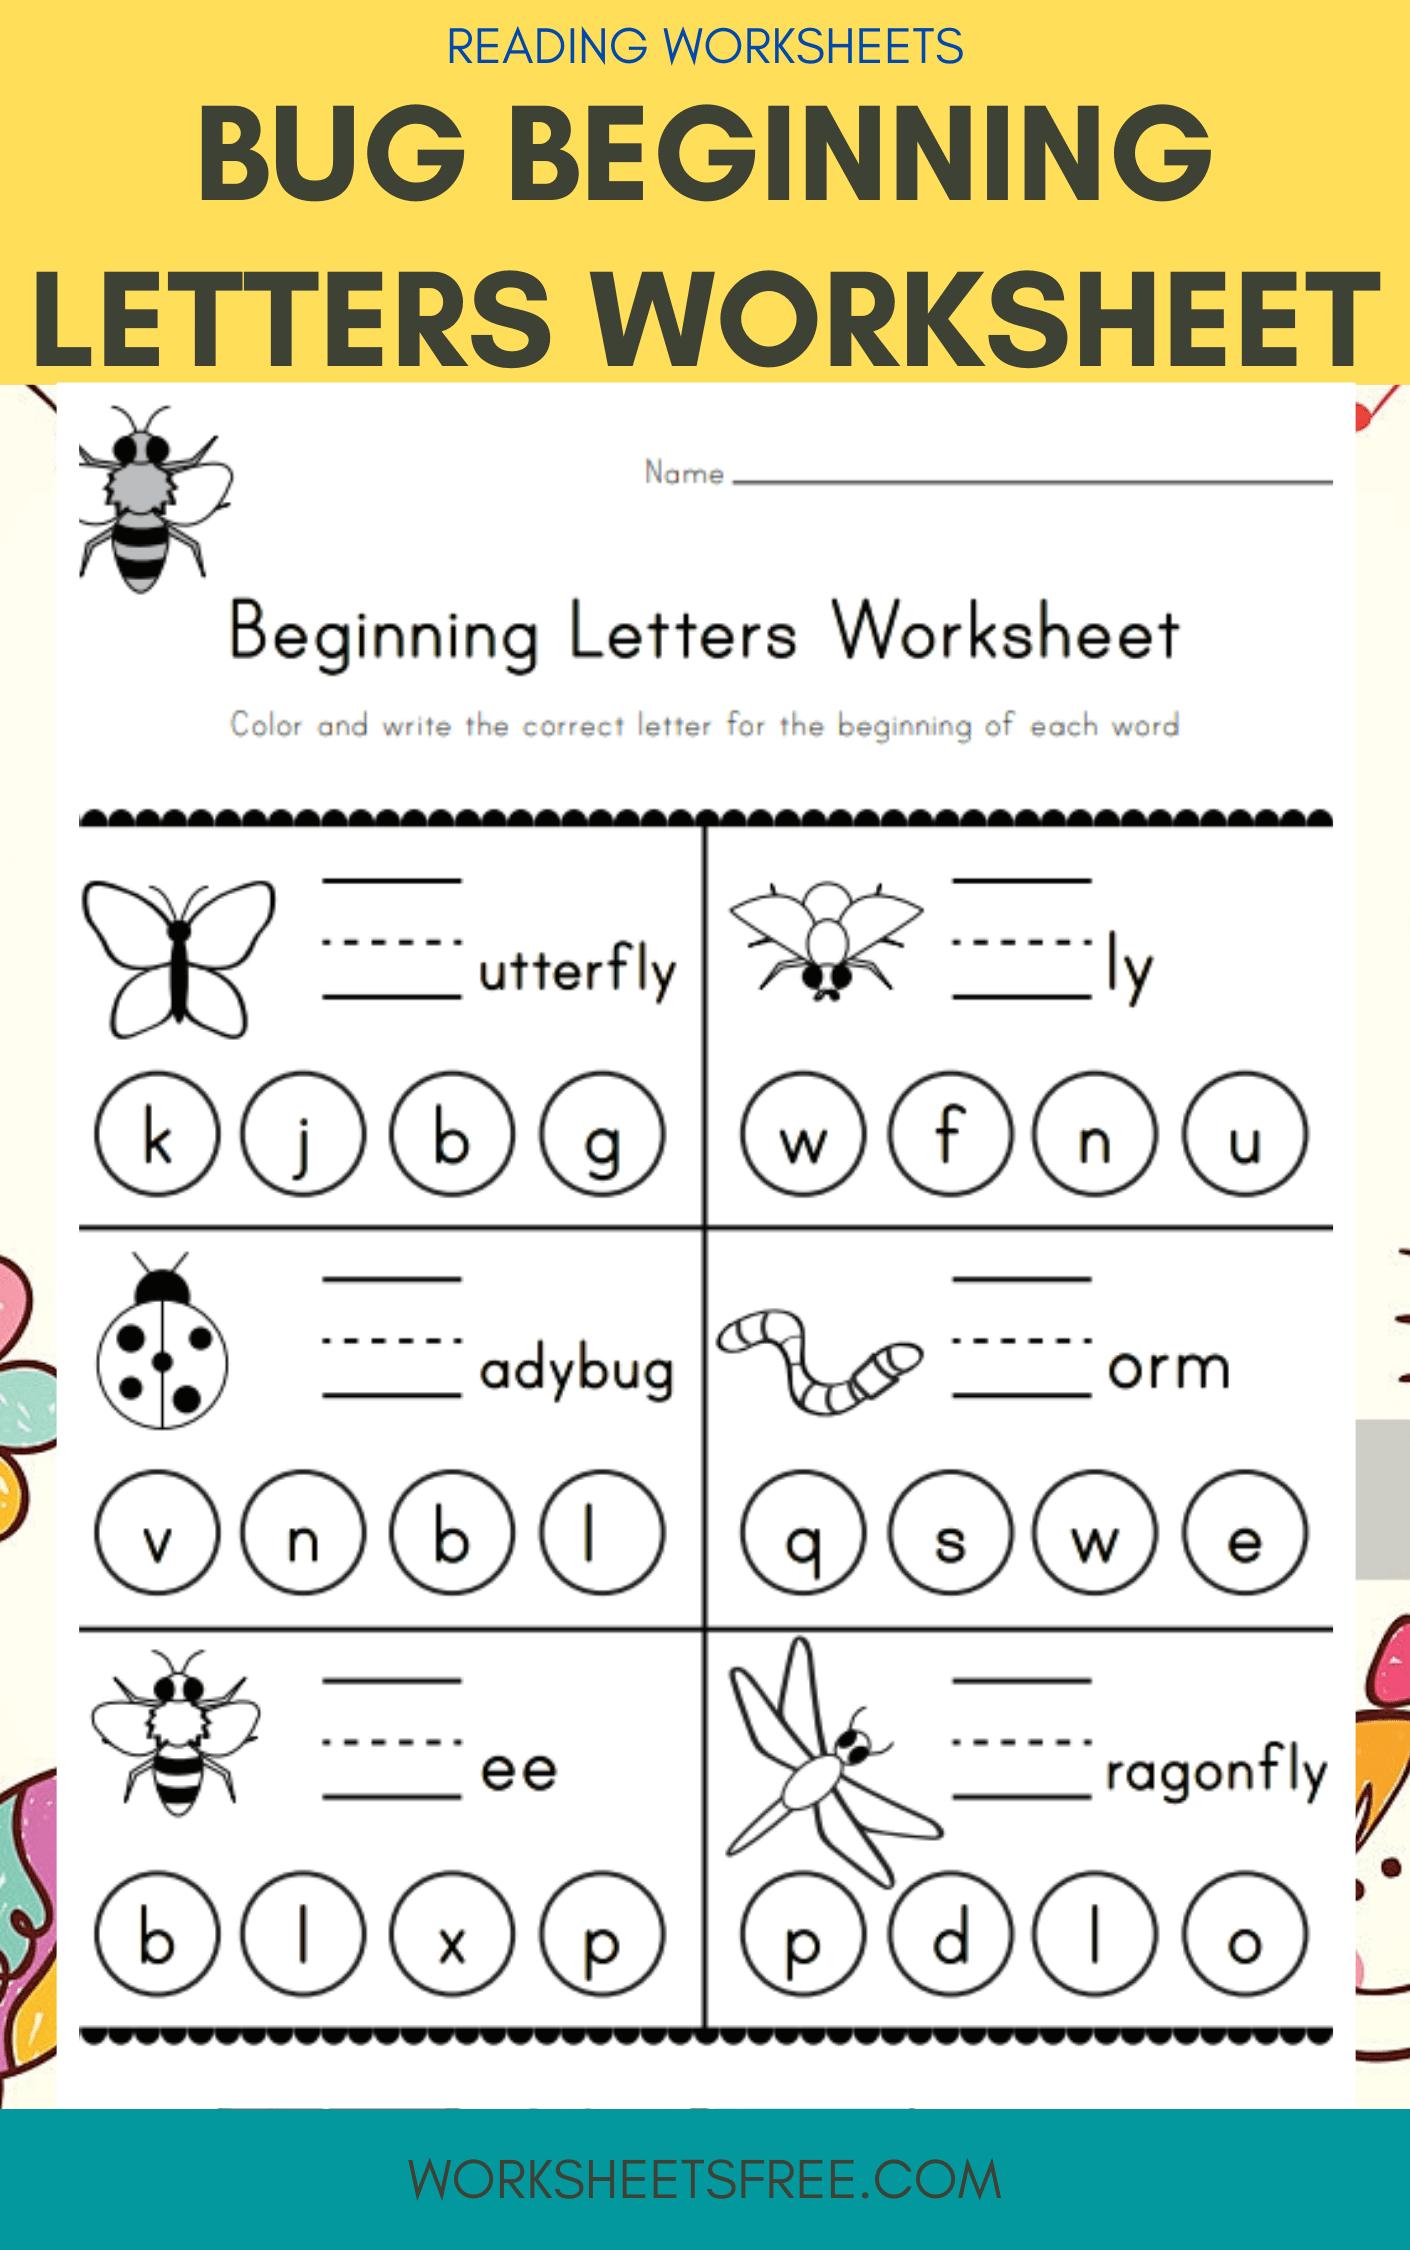 Bug Beginning Letters Worksheet